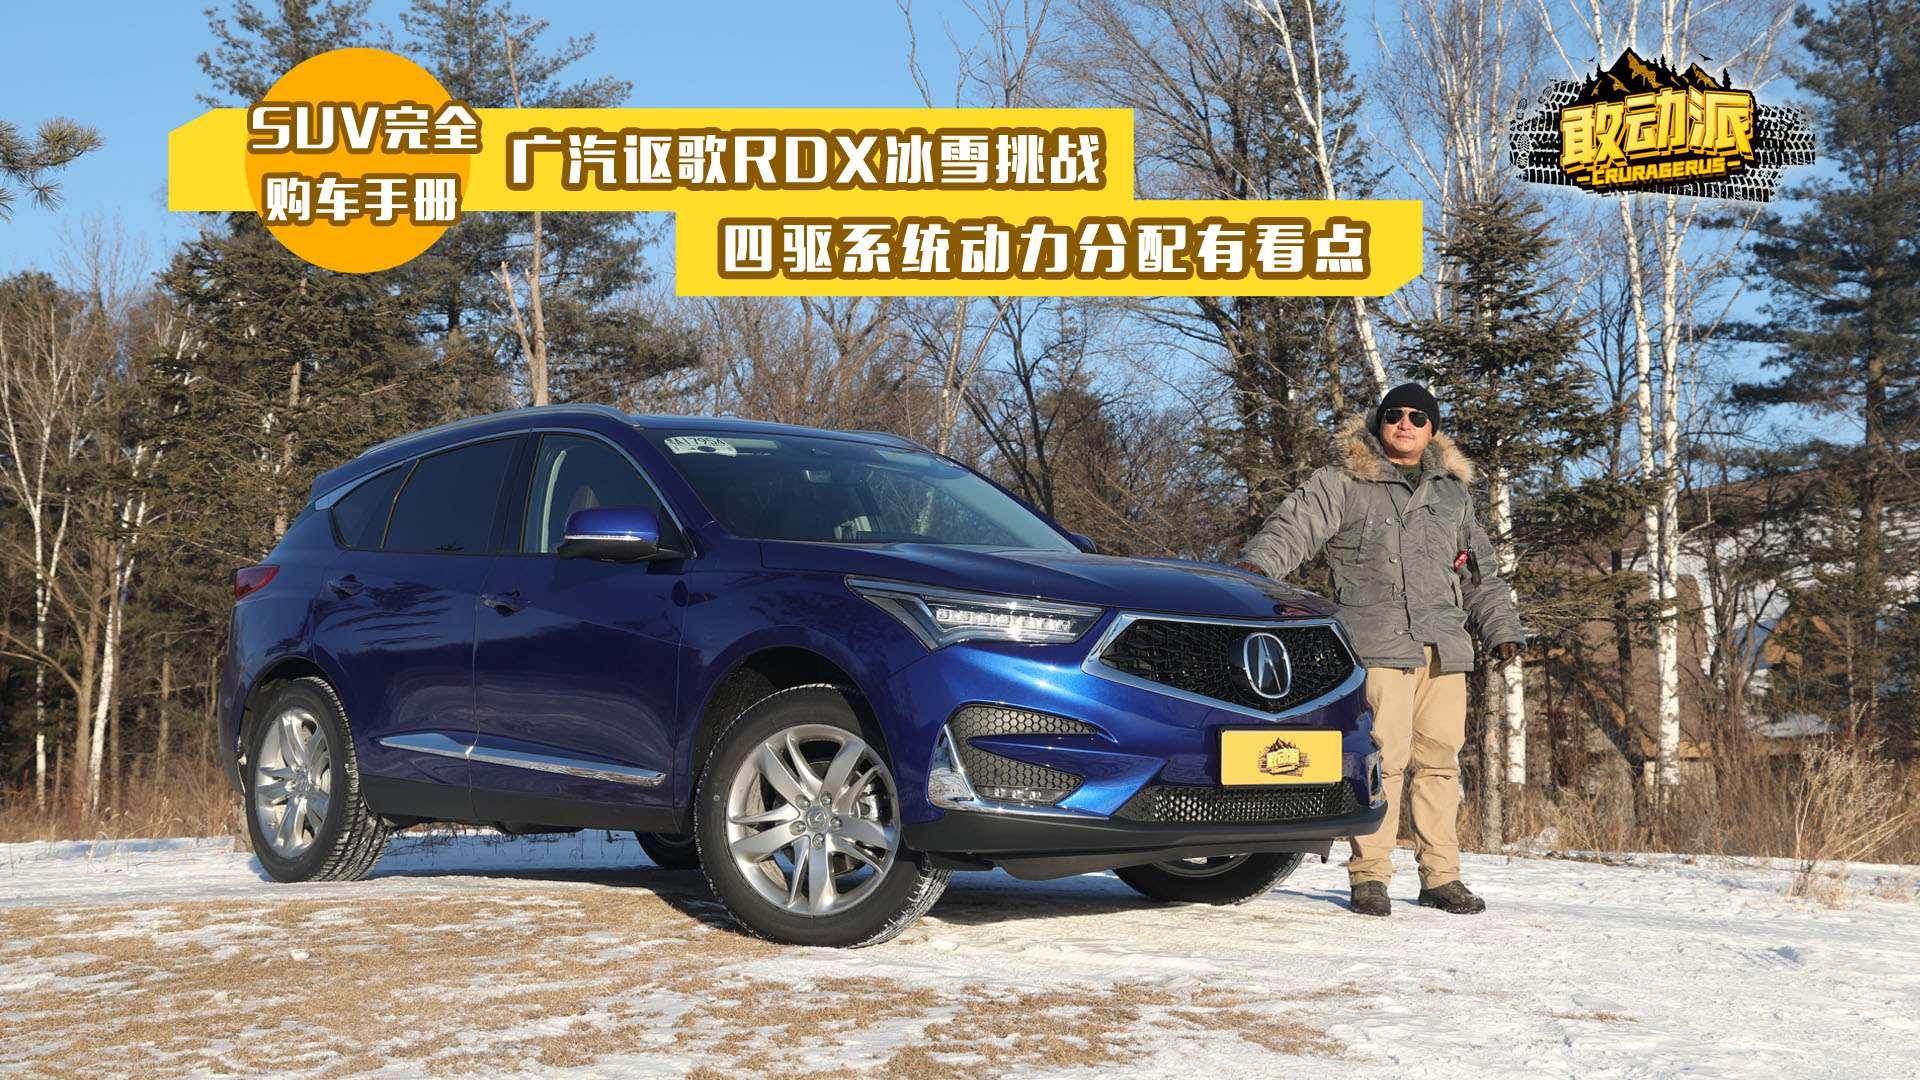 广汽讴歌RDX冰雪挑战!四驱系统动力分配有看点